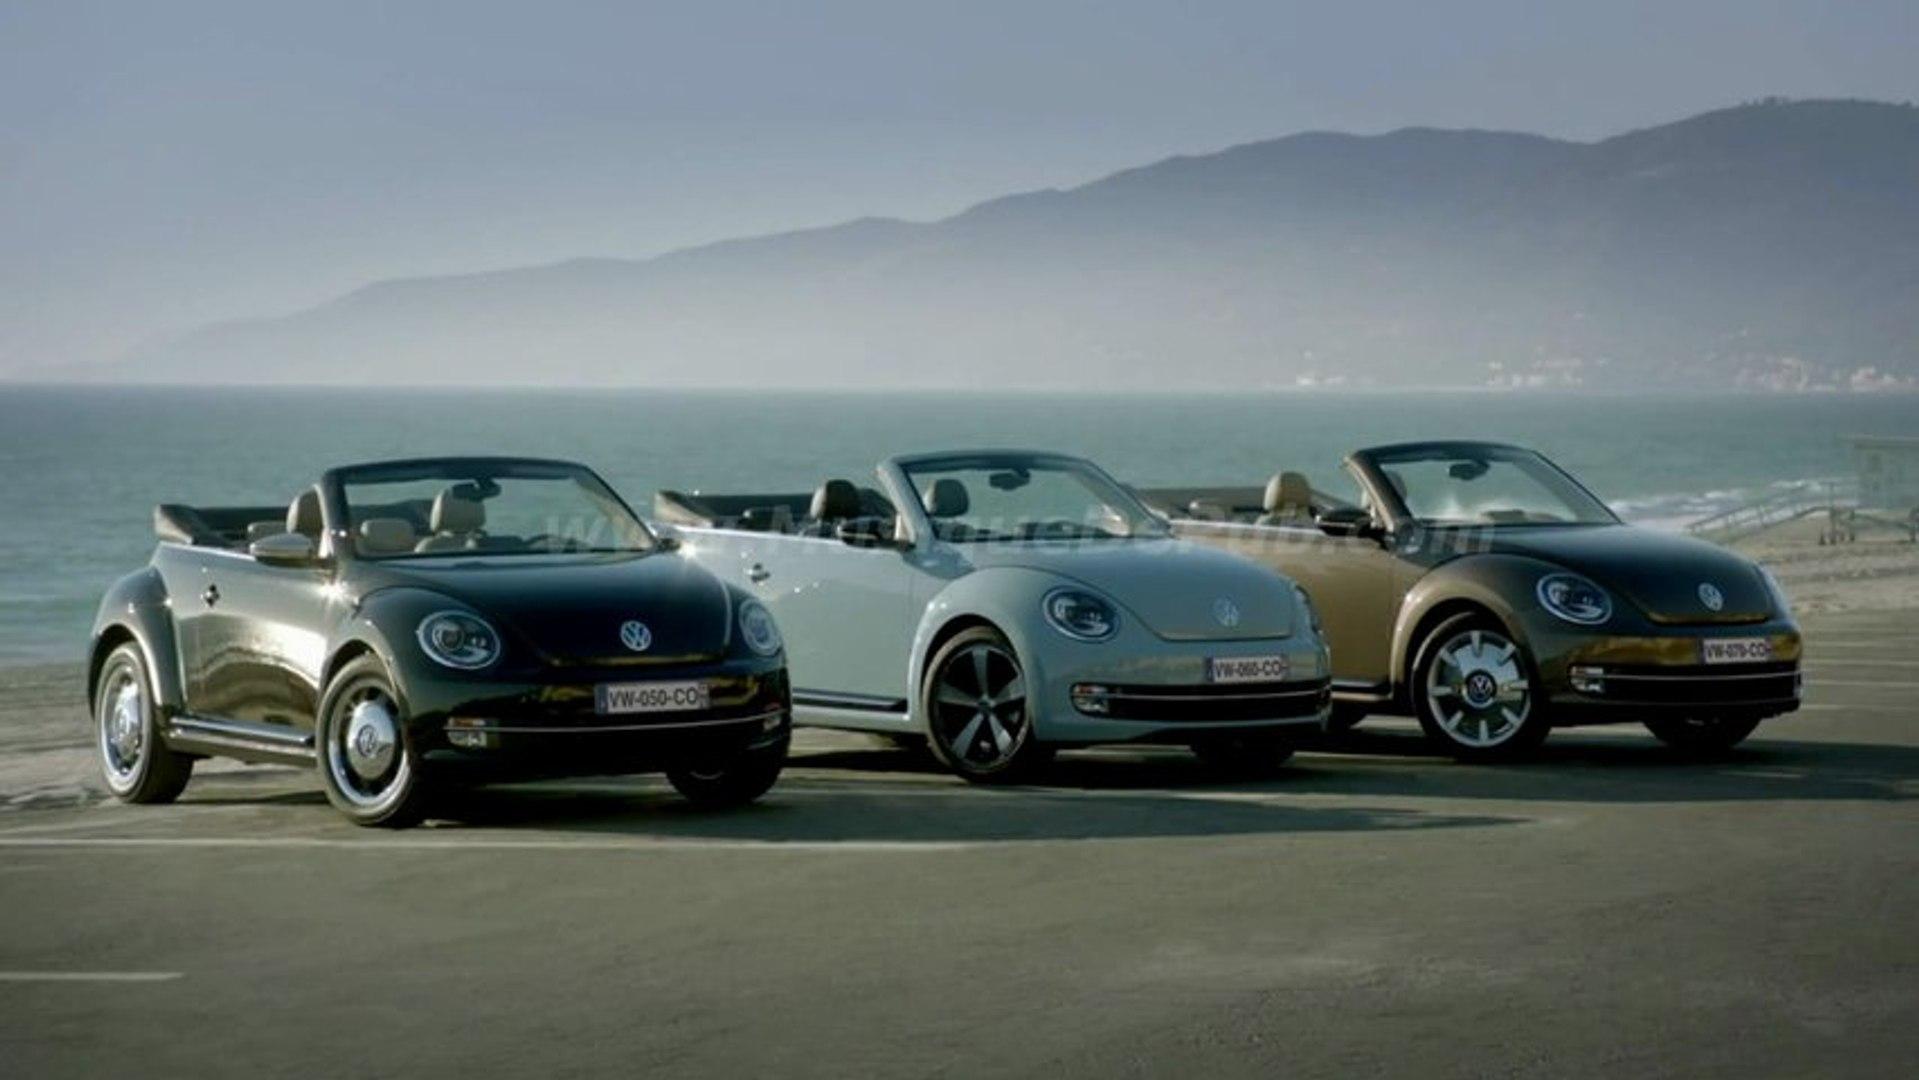 pub Volkswagen Coccinelle Cabriolet séries limitées 50's, 60's et 70's 2013 [HQ]